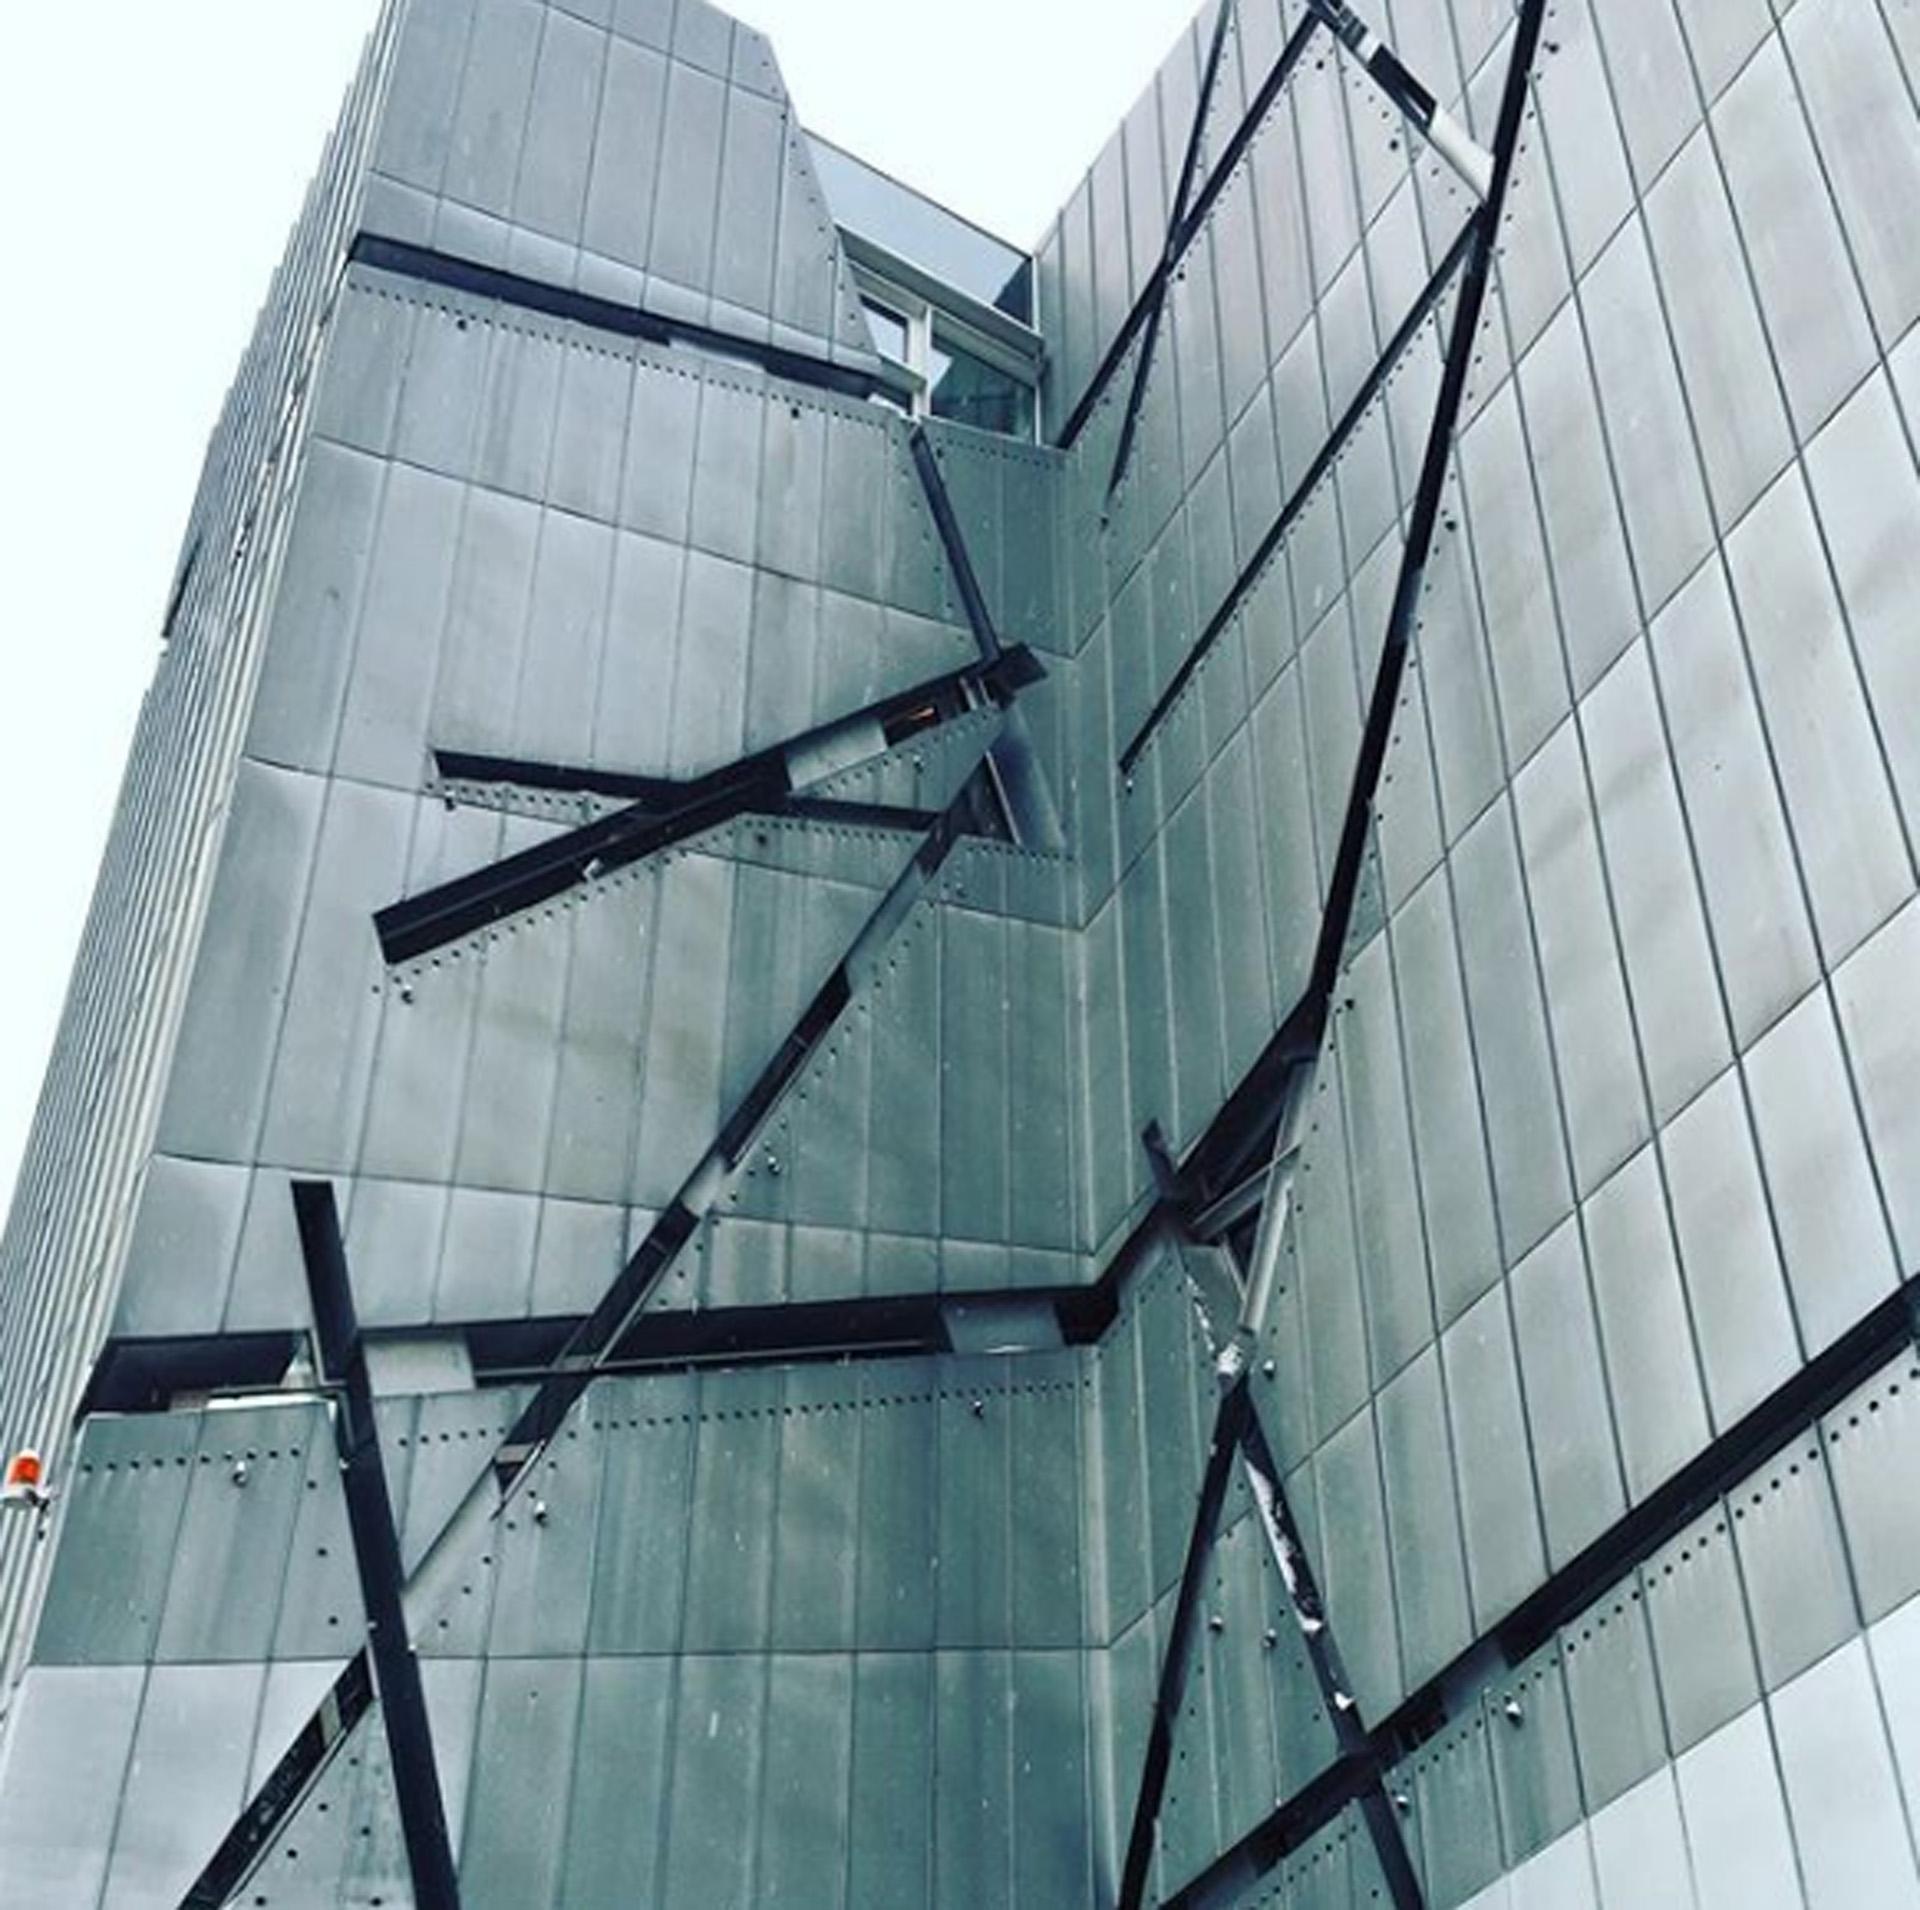 Ventanas como cicatrices en el Museo Judío de Berlín